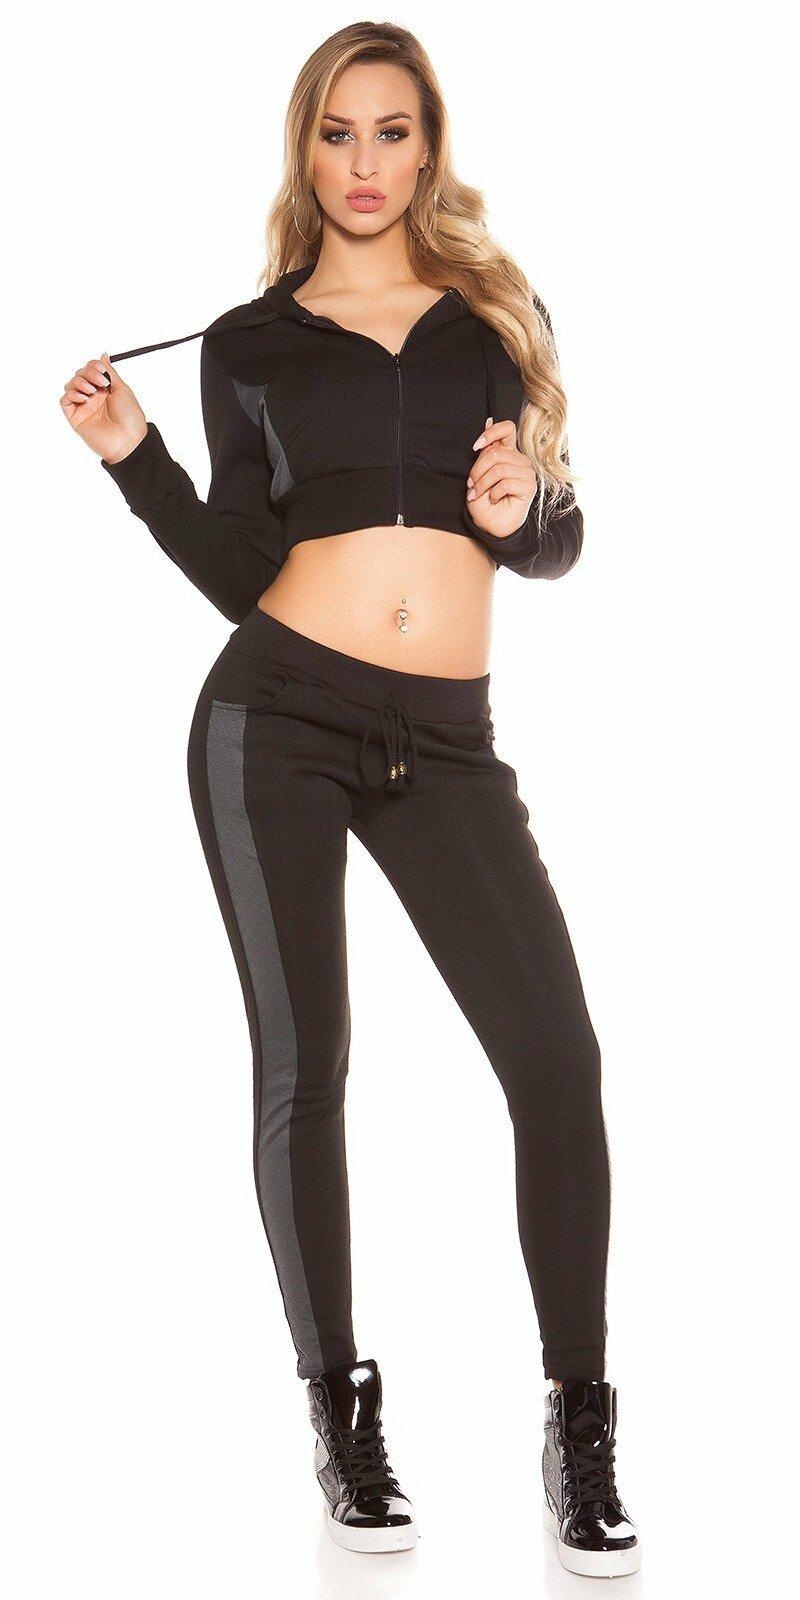 Dámska športová tepláková súprava #Veľkosť L/XL Farba Čierna